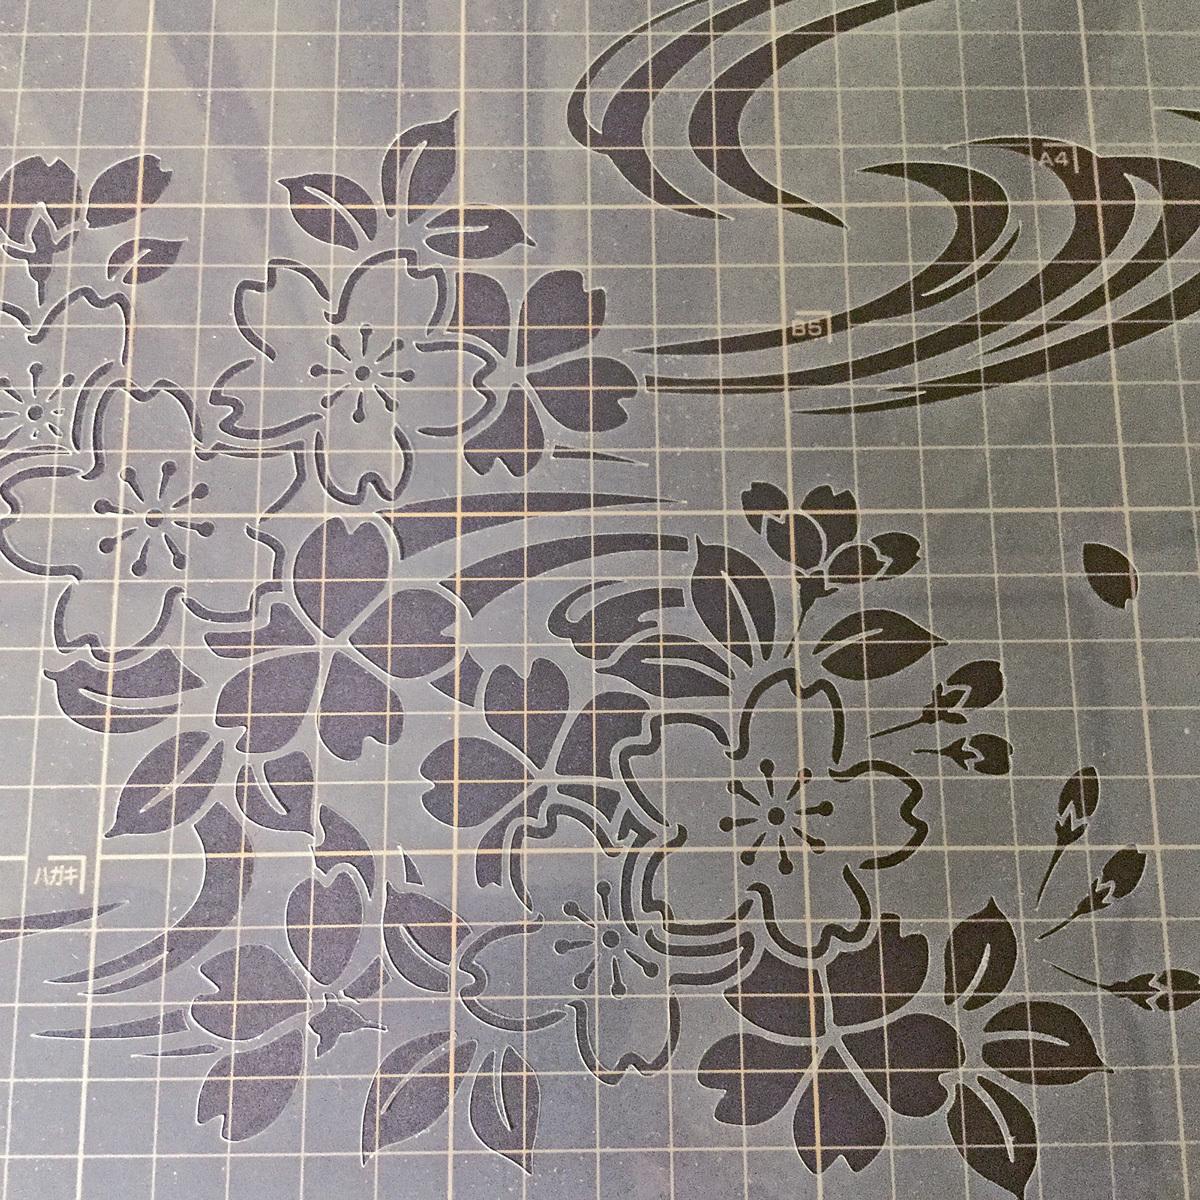 さくら4番 花 桜と流水 ステンシルシート 図案型紙 No554_画像5